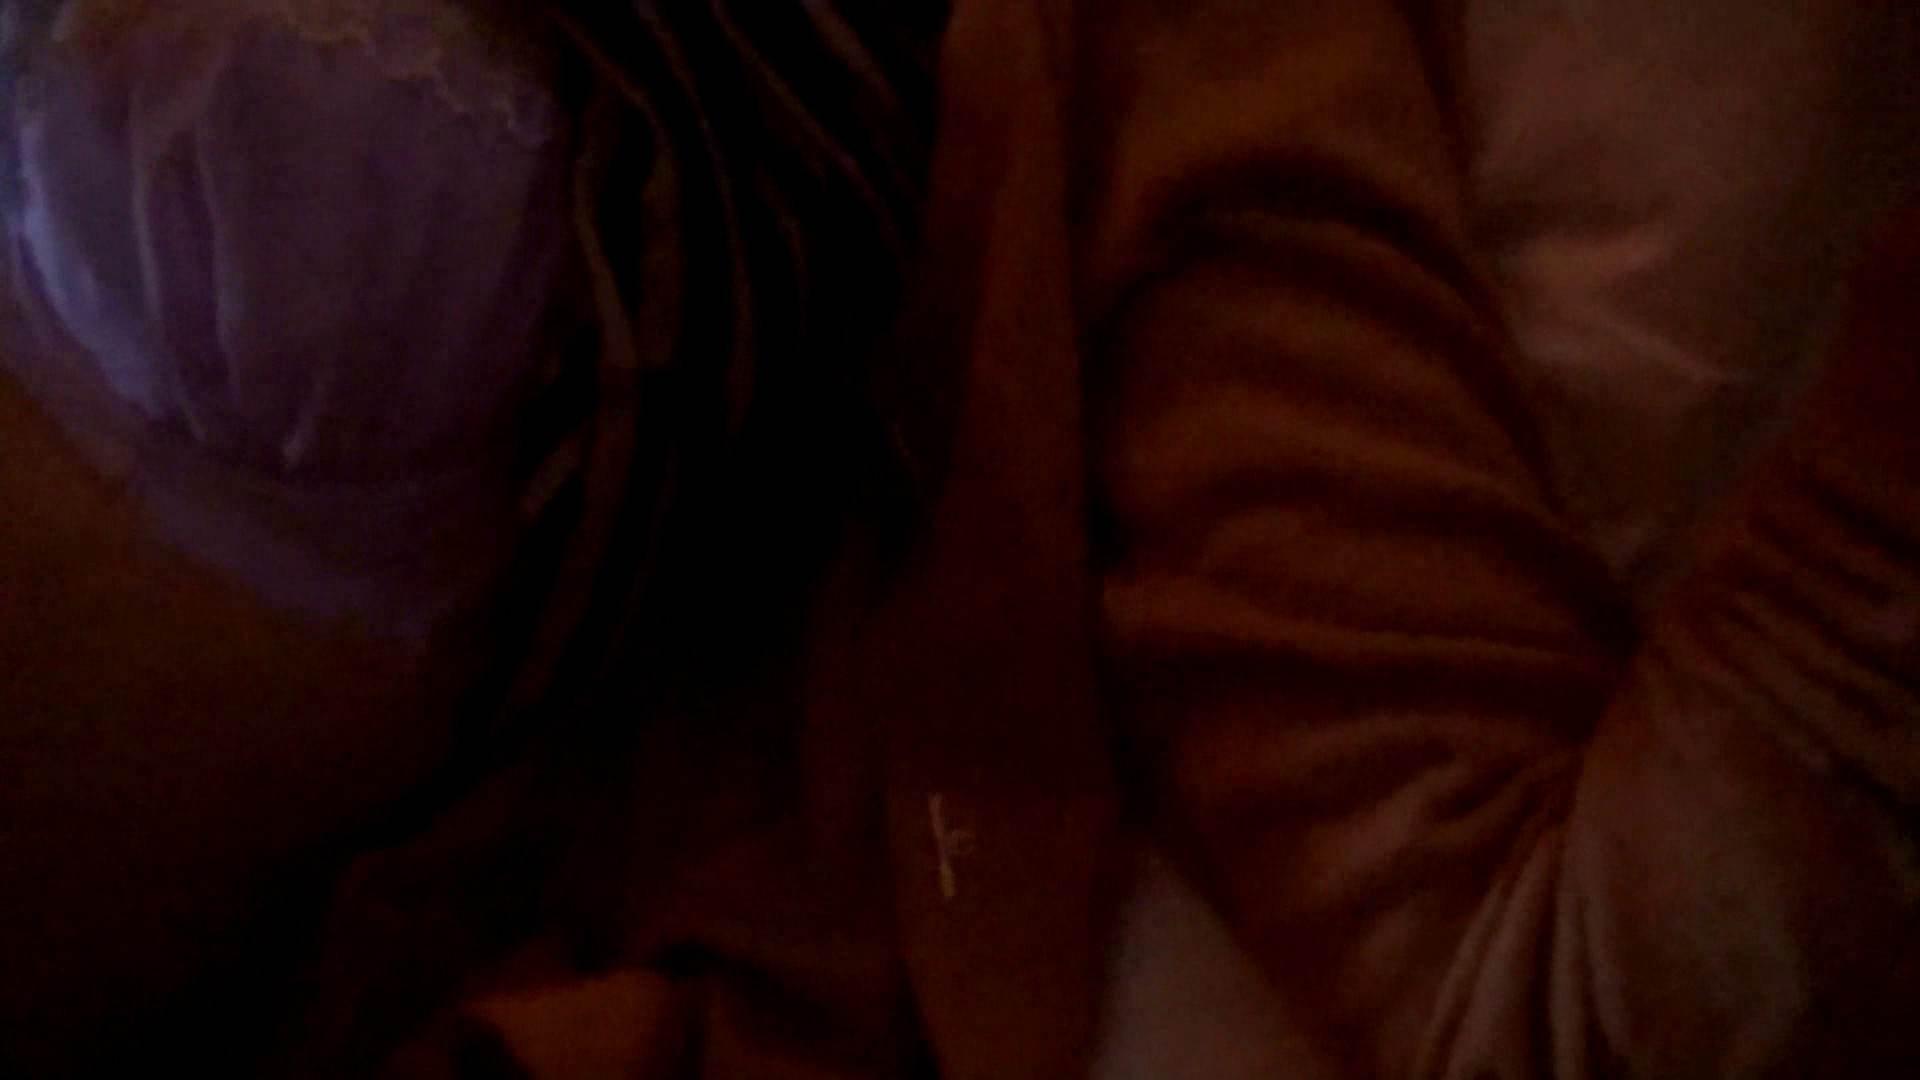 魔術師の お・も・て・な・し vol.31 現役女子大生にスリプル イタズラ 盗撮えろ無修正画像 59pic 26